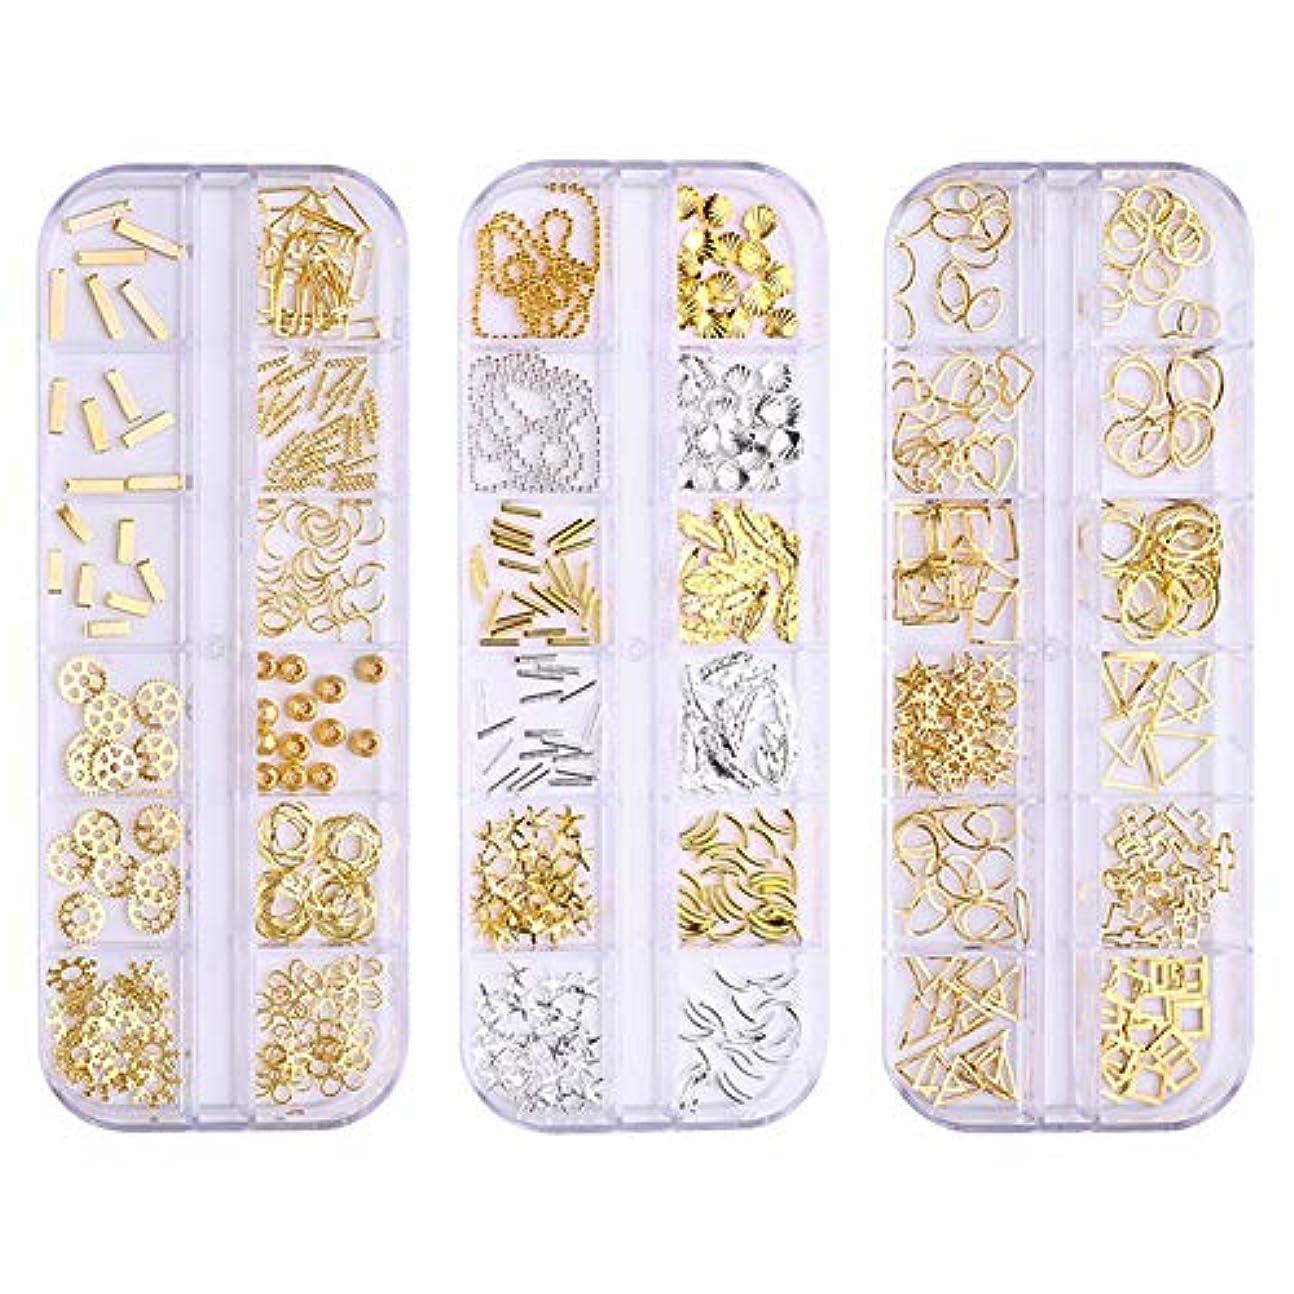 スペアある失われたBORN PRETTY ネイルデコパーツ3ボックスセット ネイル フレームパーツ 12個口ケース入り 形いろいろミックス ヘアアクセ デコパーツ ミックス 手芸 ハンドメイド アクセサリー製作